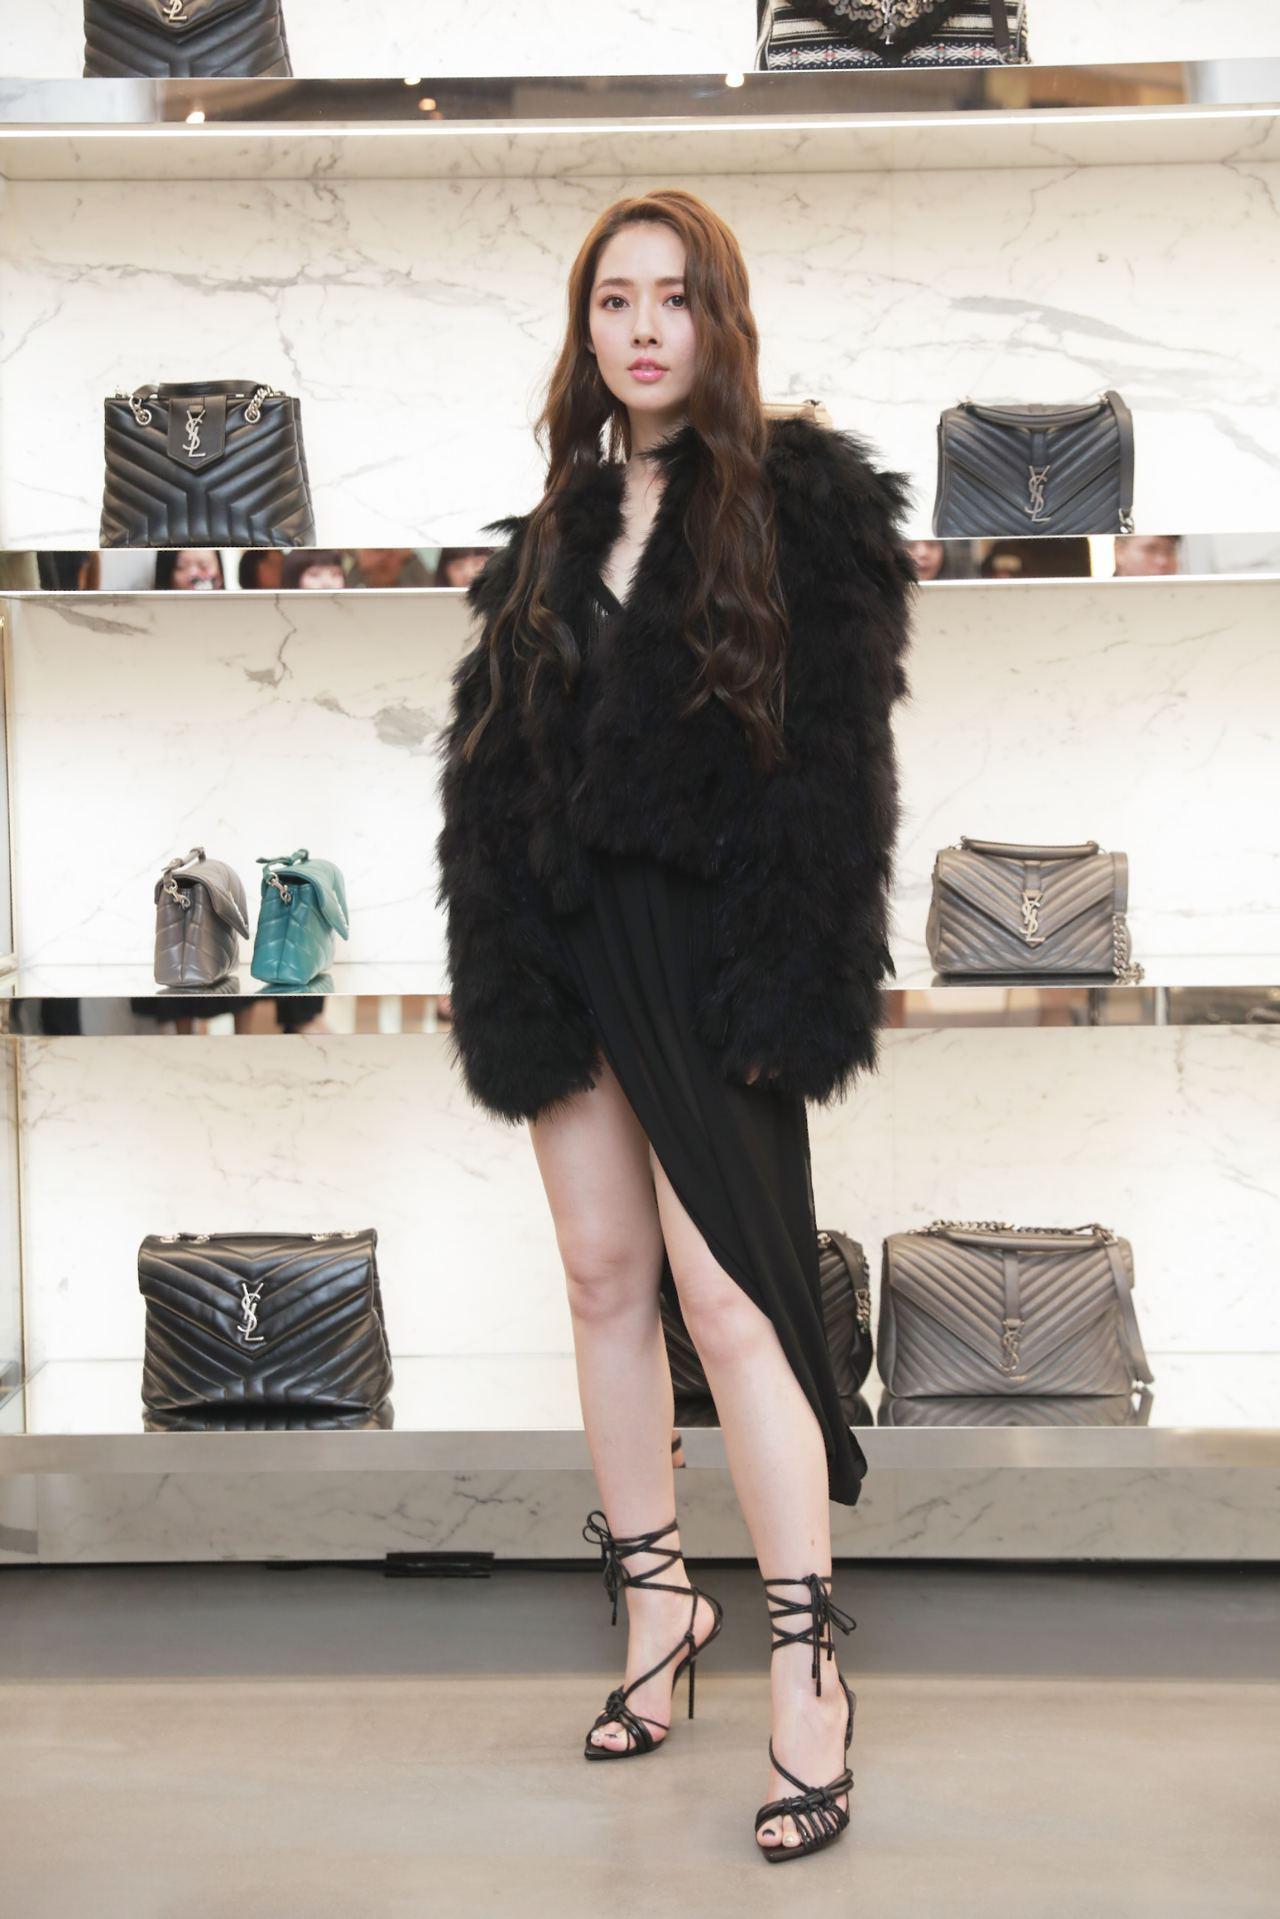 久未在台灣出席活動的郭碧婷同樣一身火辣現身,以開高衩的洋裝大秀美腿。圖/Sain...